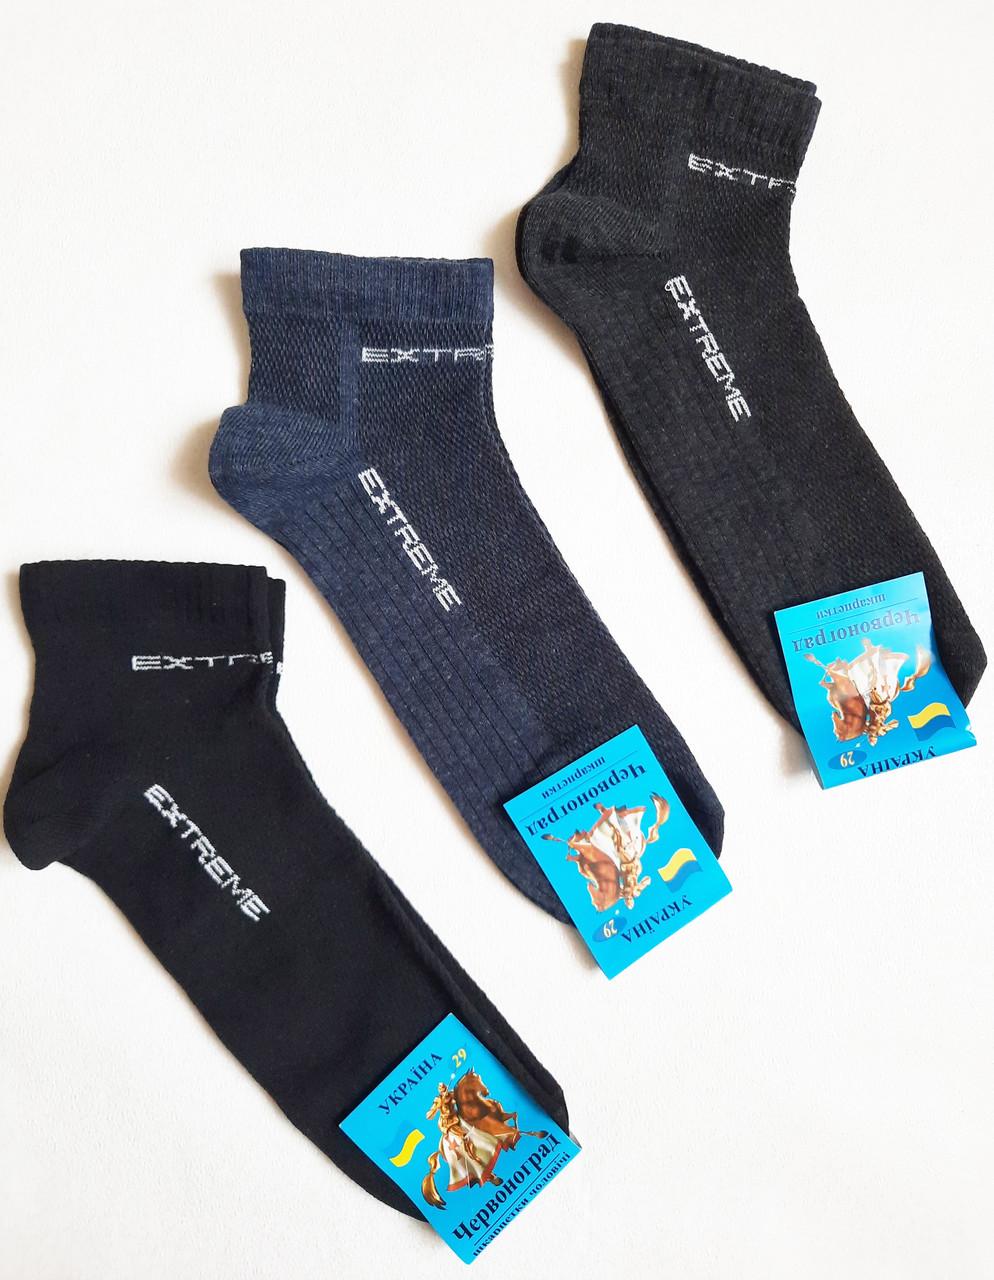 Шкарпетки чоловічі вставка сіточка р. 27 бавовна стрейч Україна. Від 10 пар по 6,50 грн.